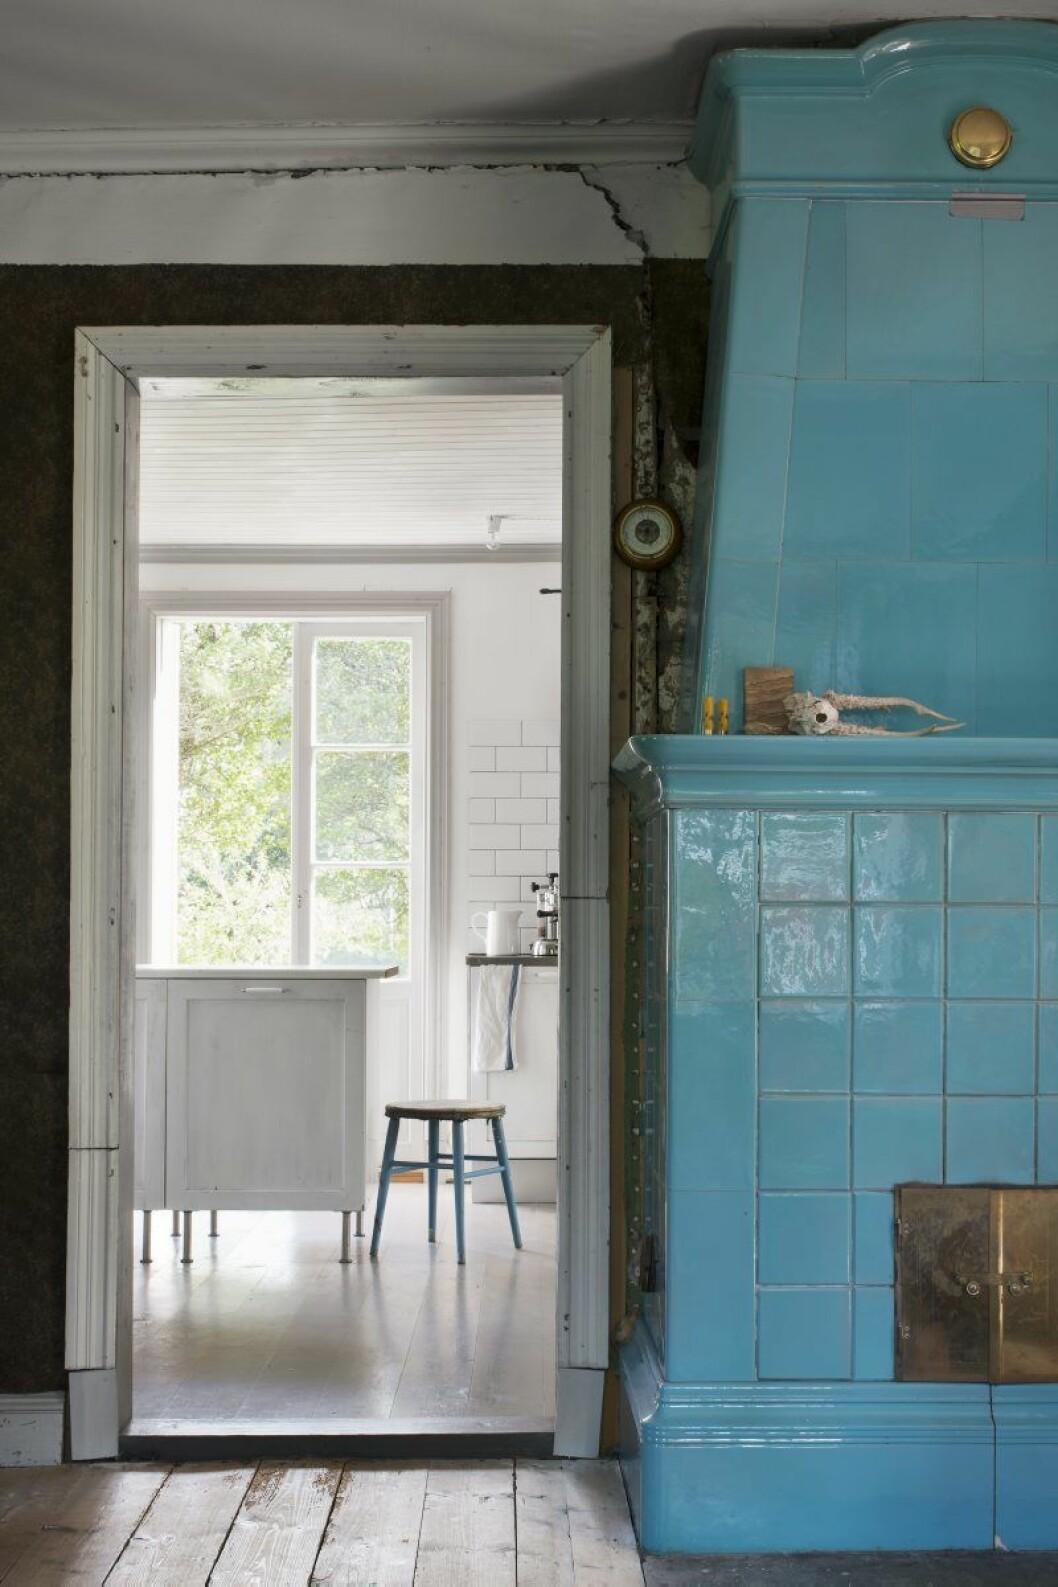 Kakelugnen ståtar i vardasgrummet. På vintern värmer den upp halva huset.